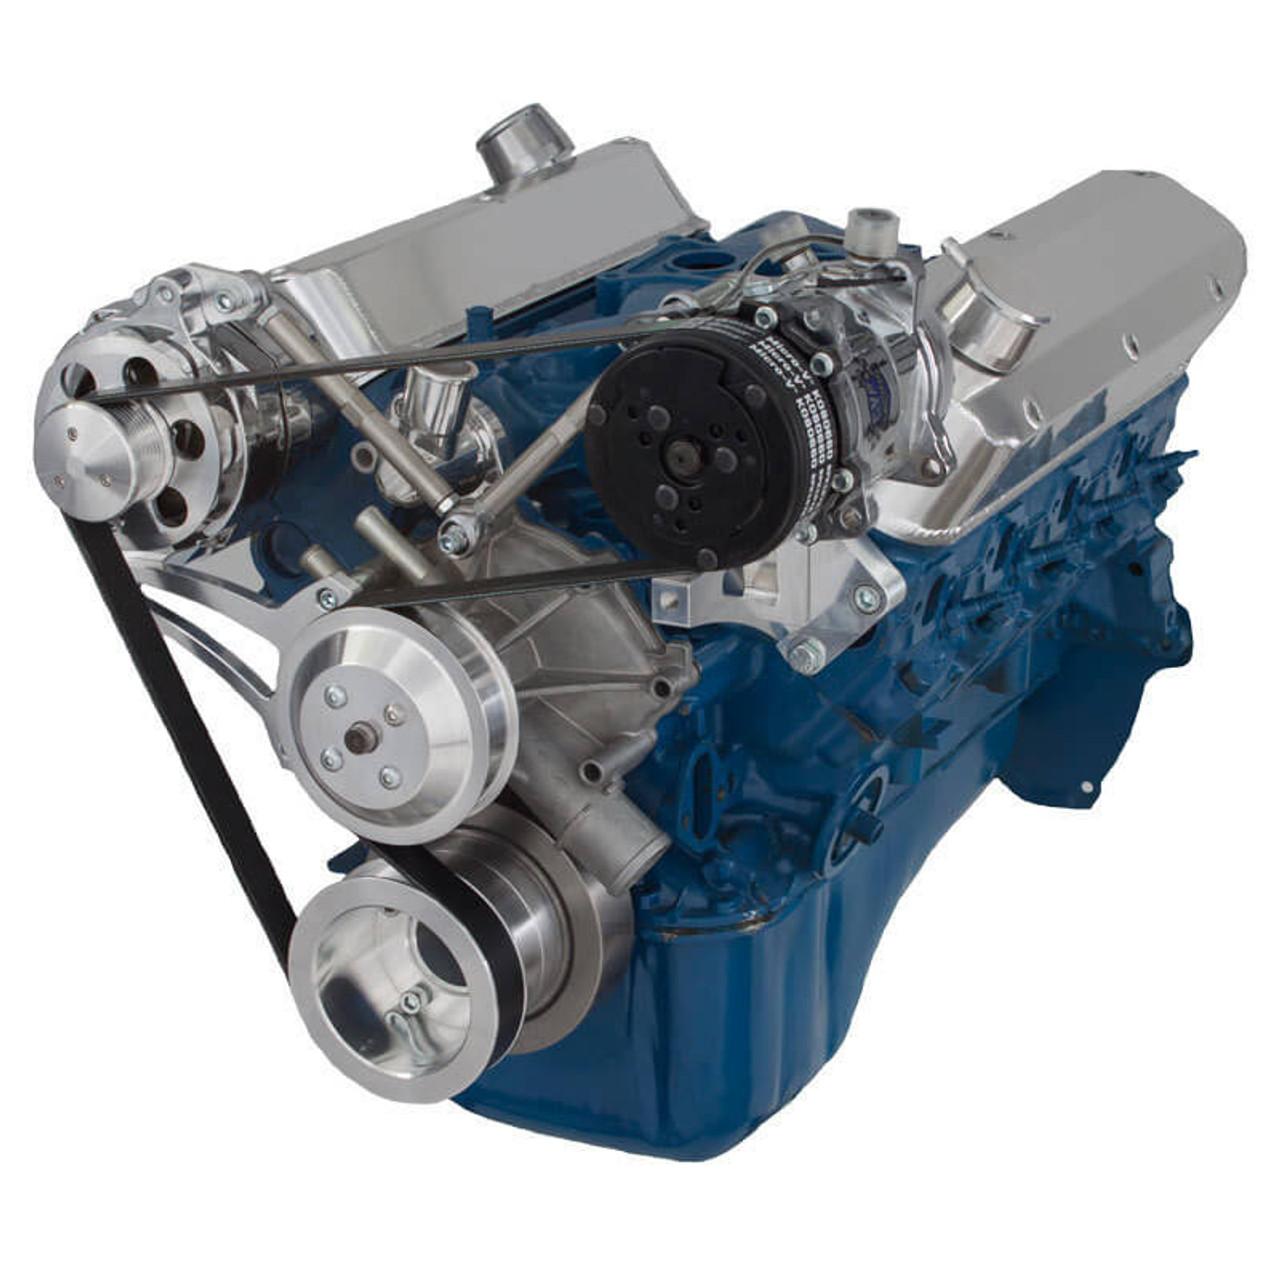 Ford 5 0L & 5 8L Serpentine Conversion Kit - Alternator & A/C